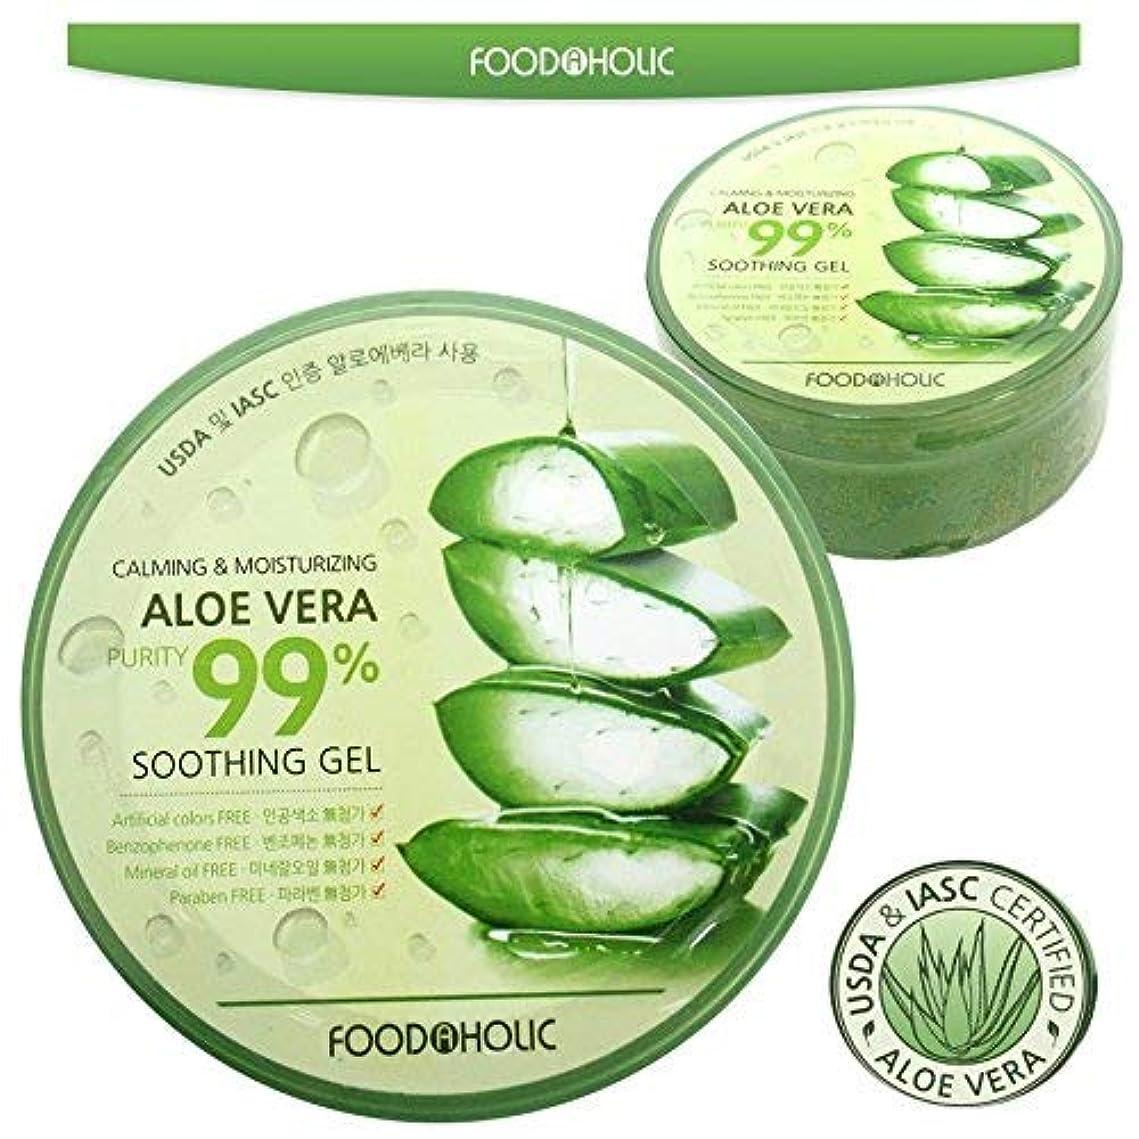 モットーシチリア馬力[FOOD A HOLIC] 穏やかな&保湿アロエベラ純度は99%スージングジェル(300ml * 1EA) / Calming & Moisturizing Aloe Vera Purity 99% Soothing...